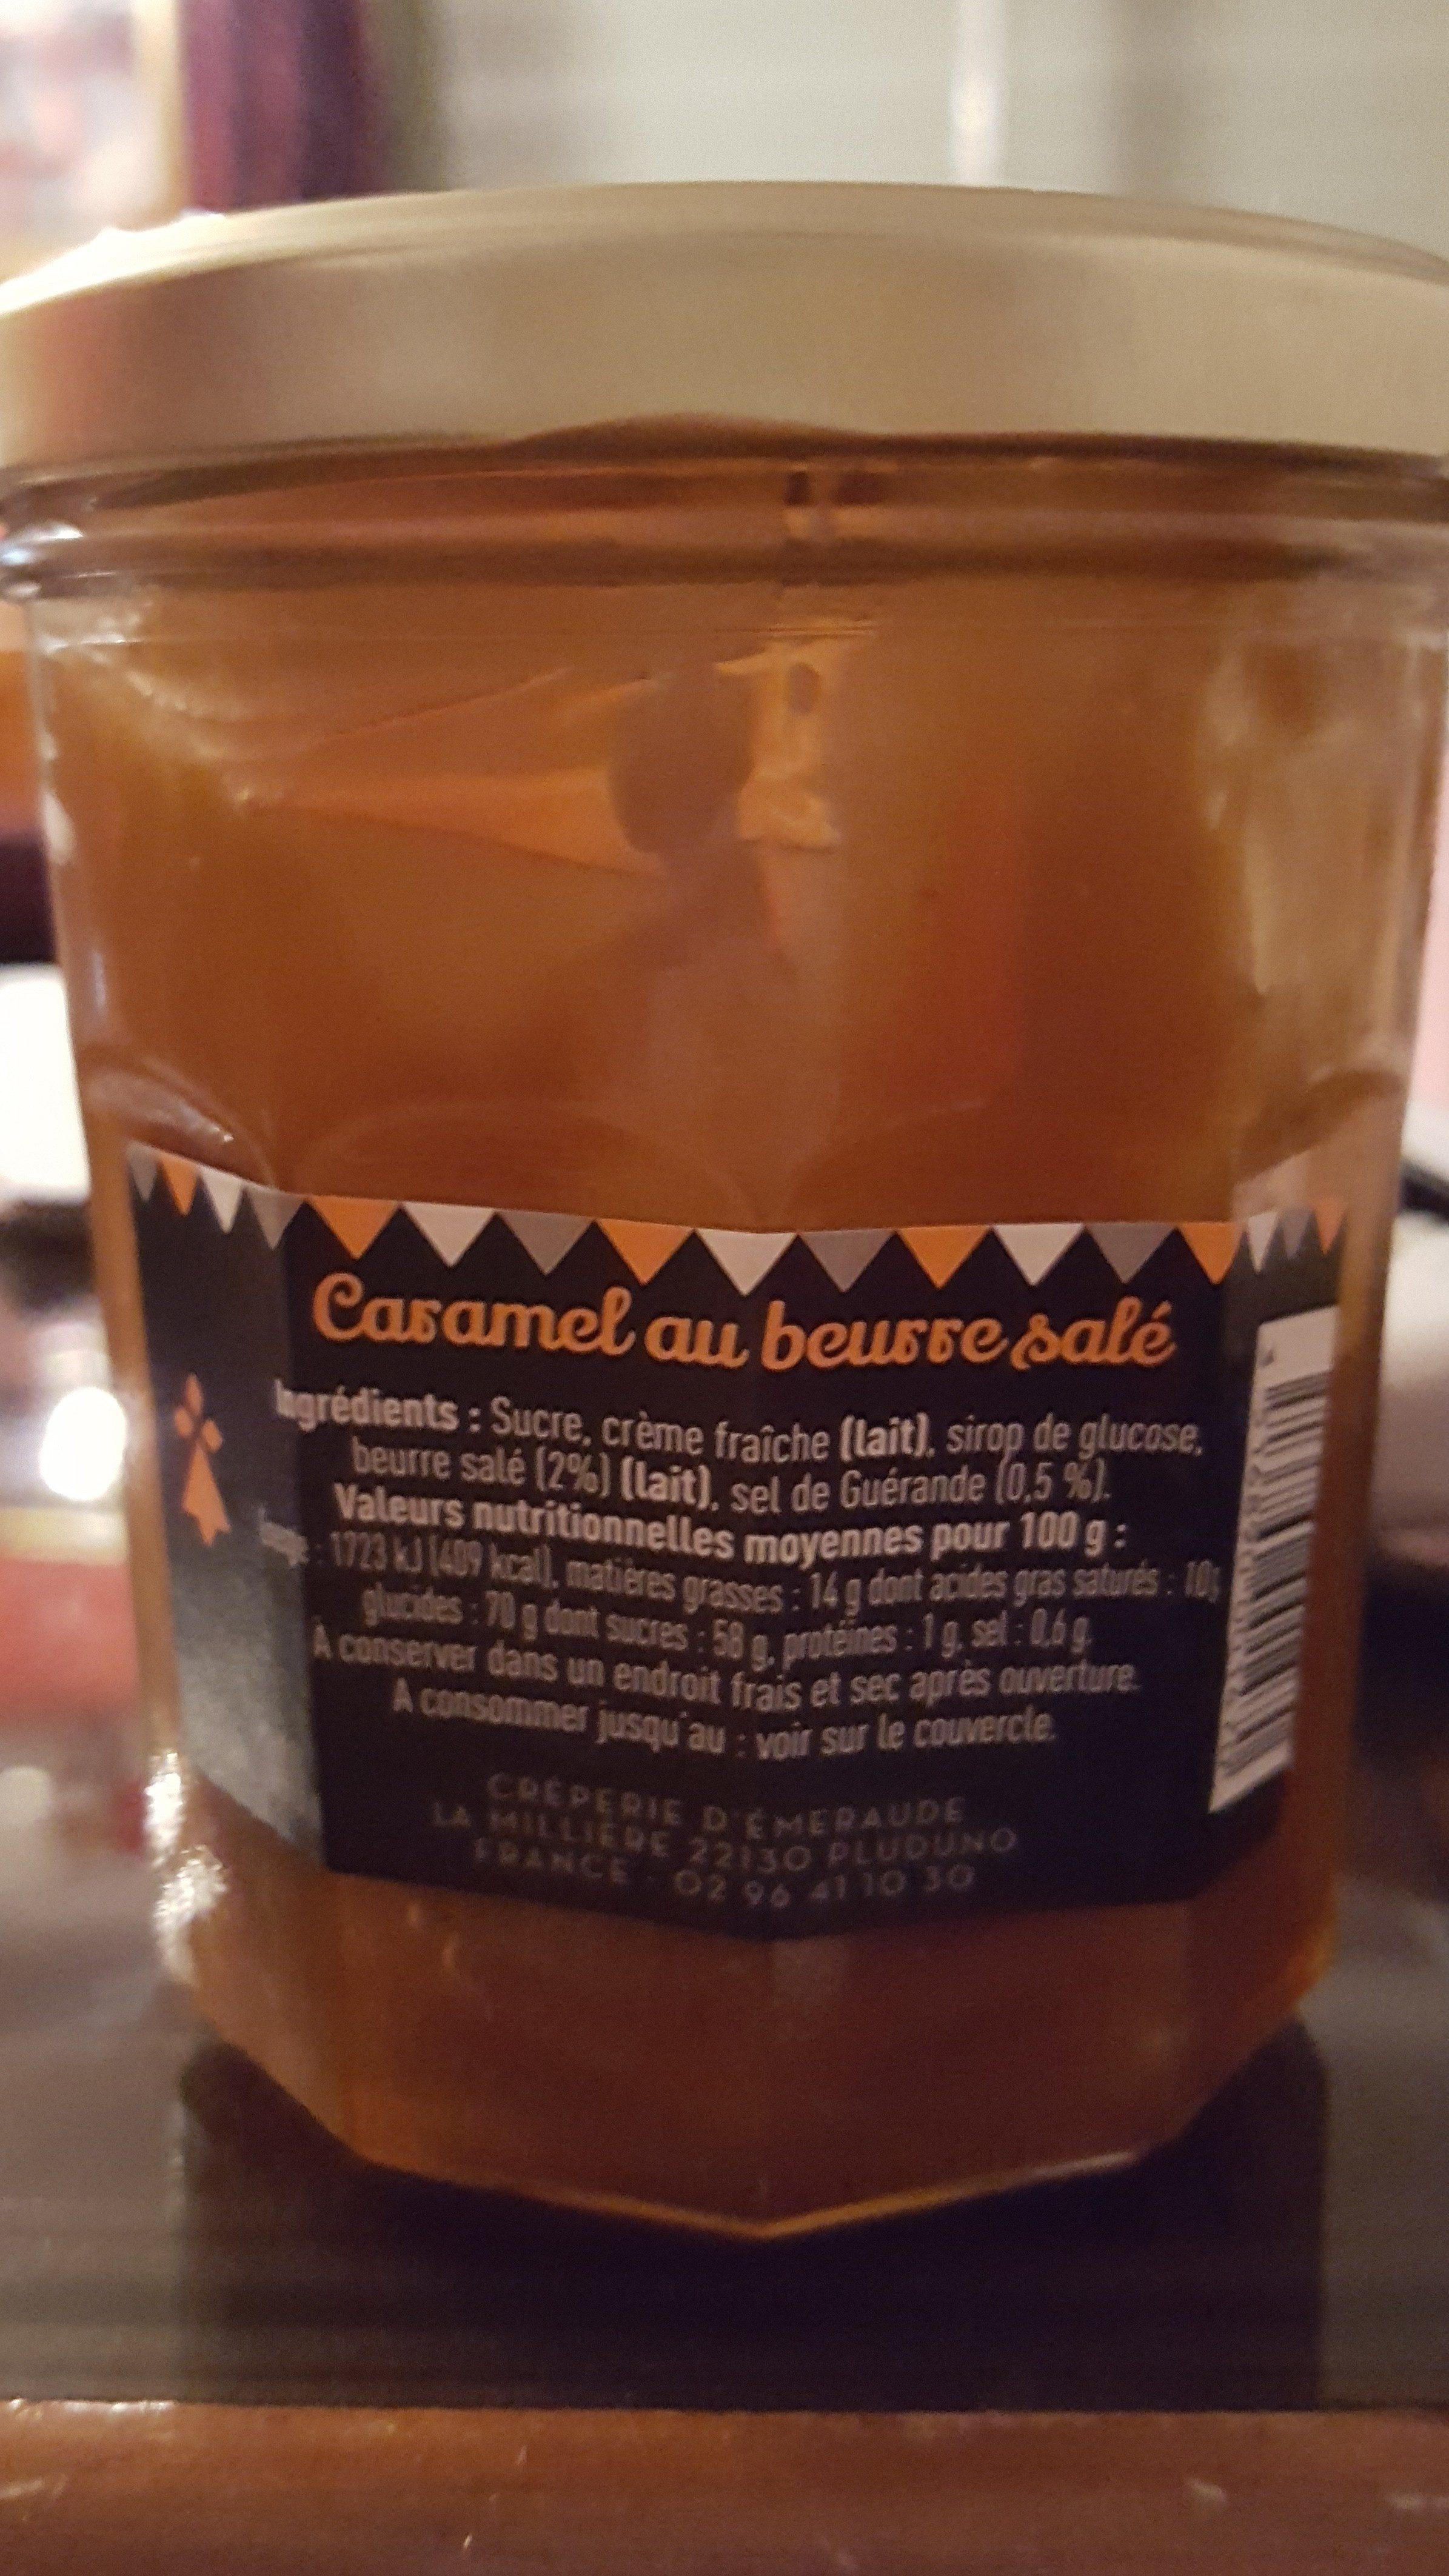 caramel au beurre salé - Nutrition facts - fr